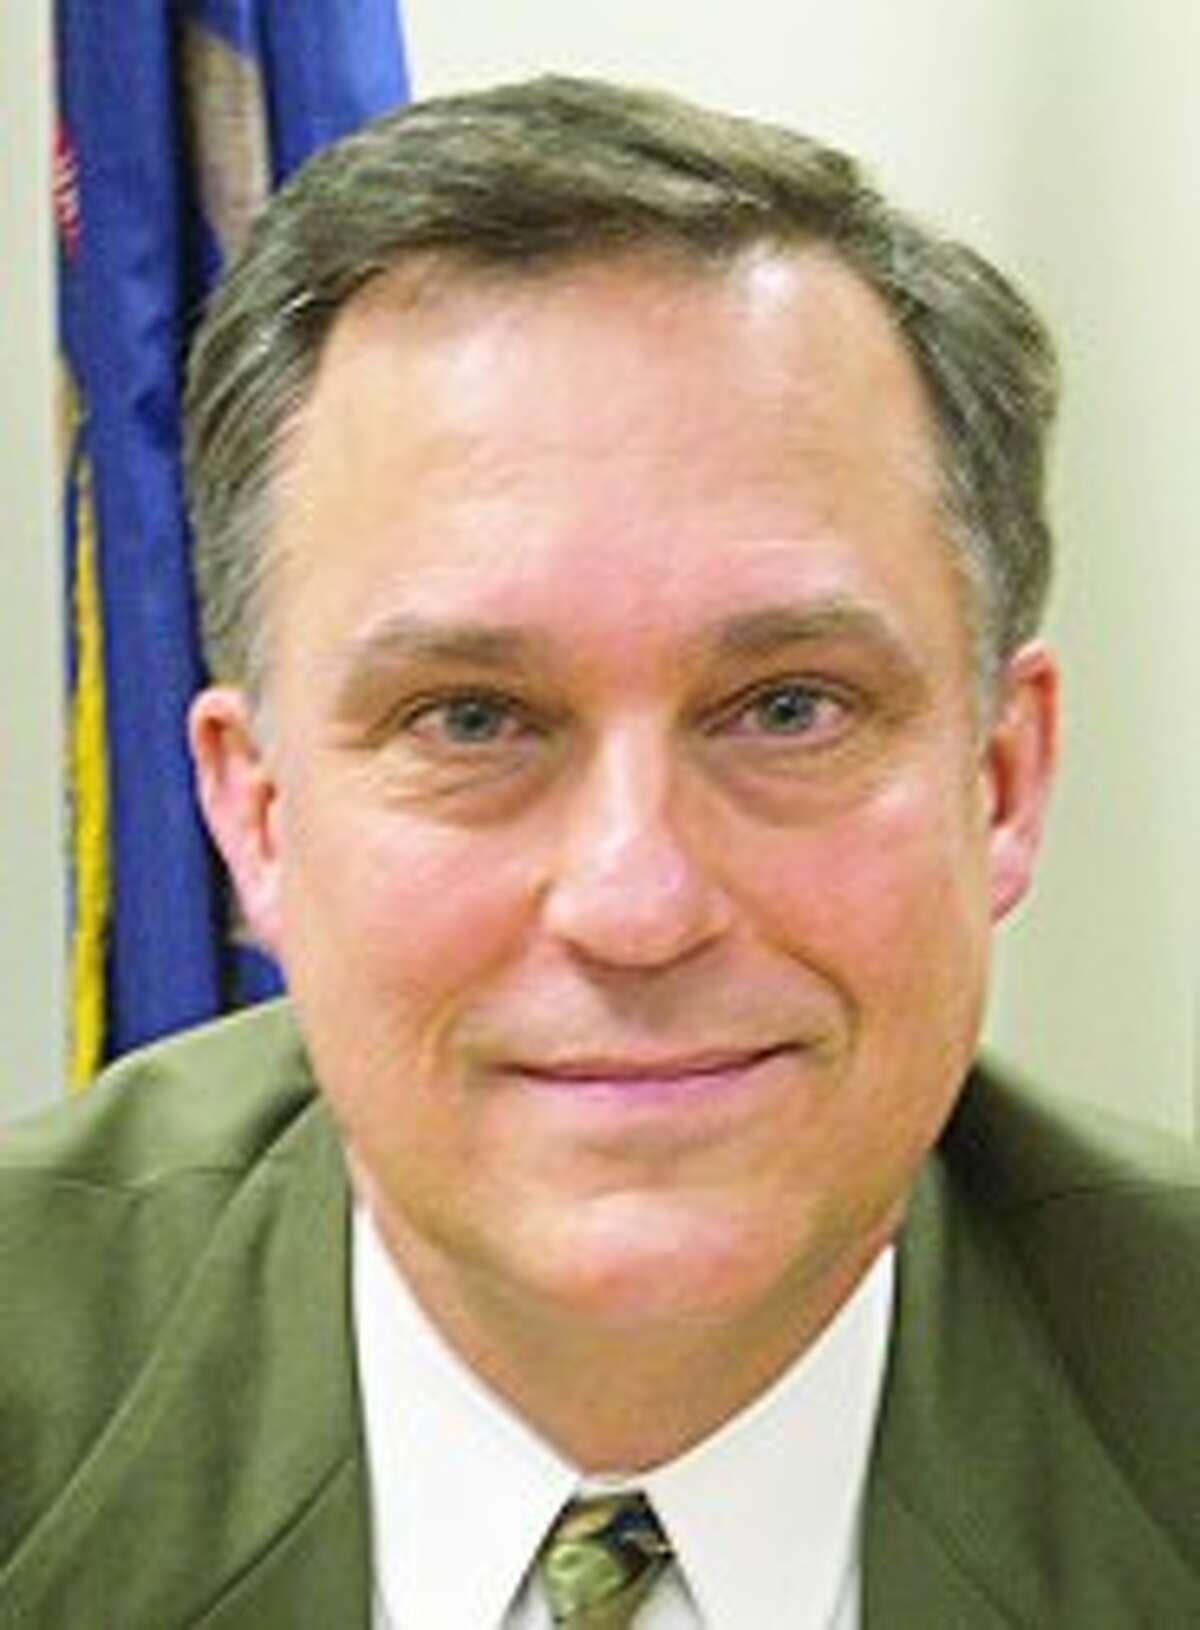 Mayor Mark Warba